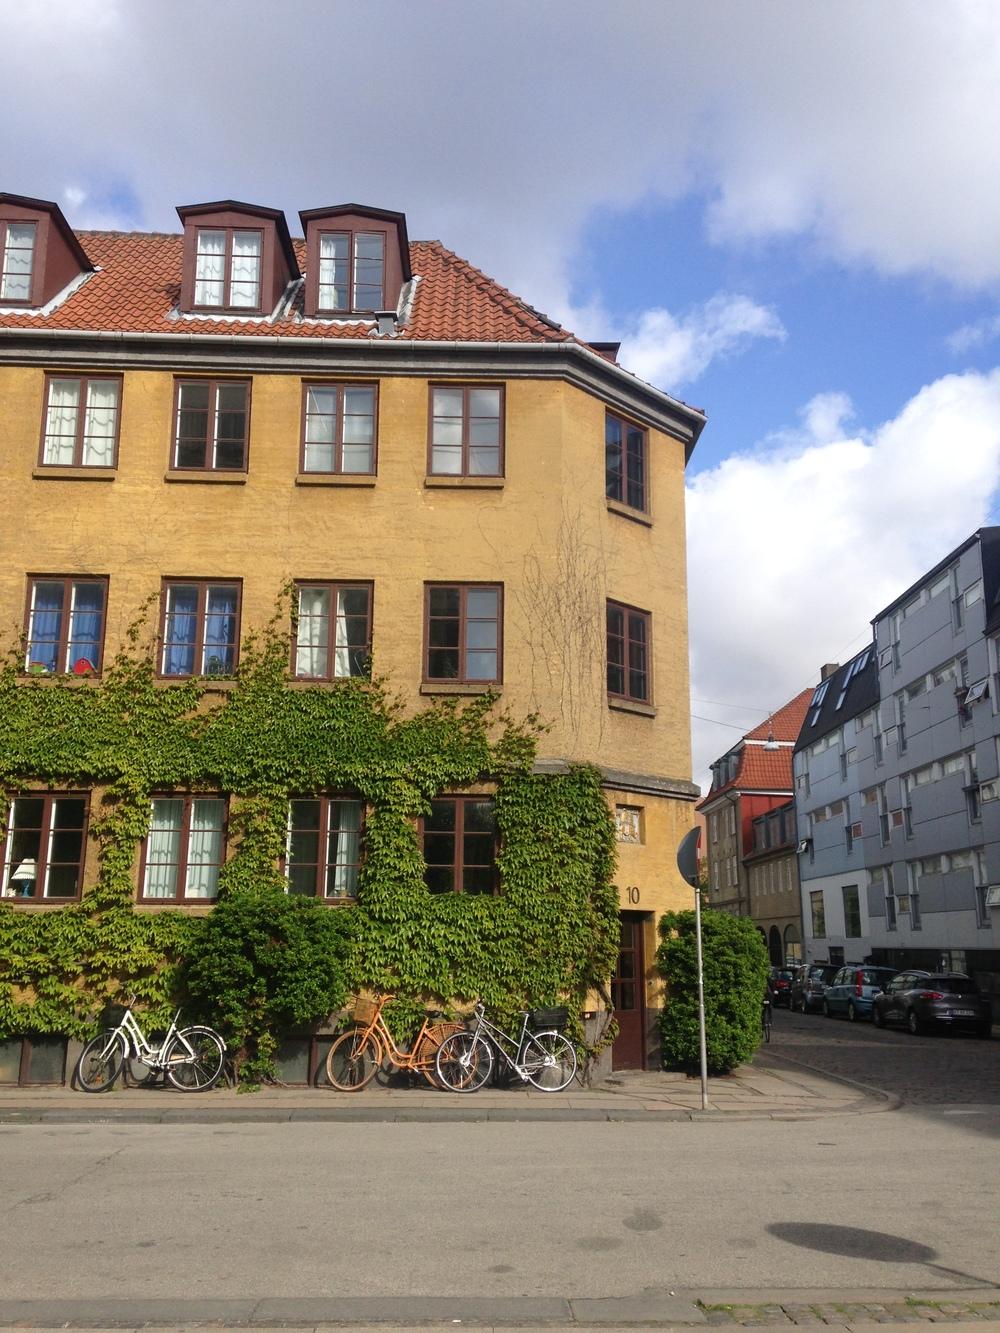 christianhavn neighborhood, copenhagen | via: bekuh b.